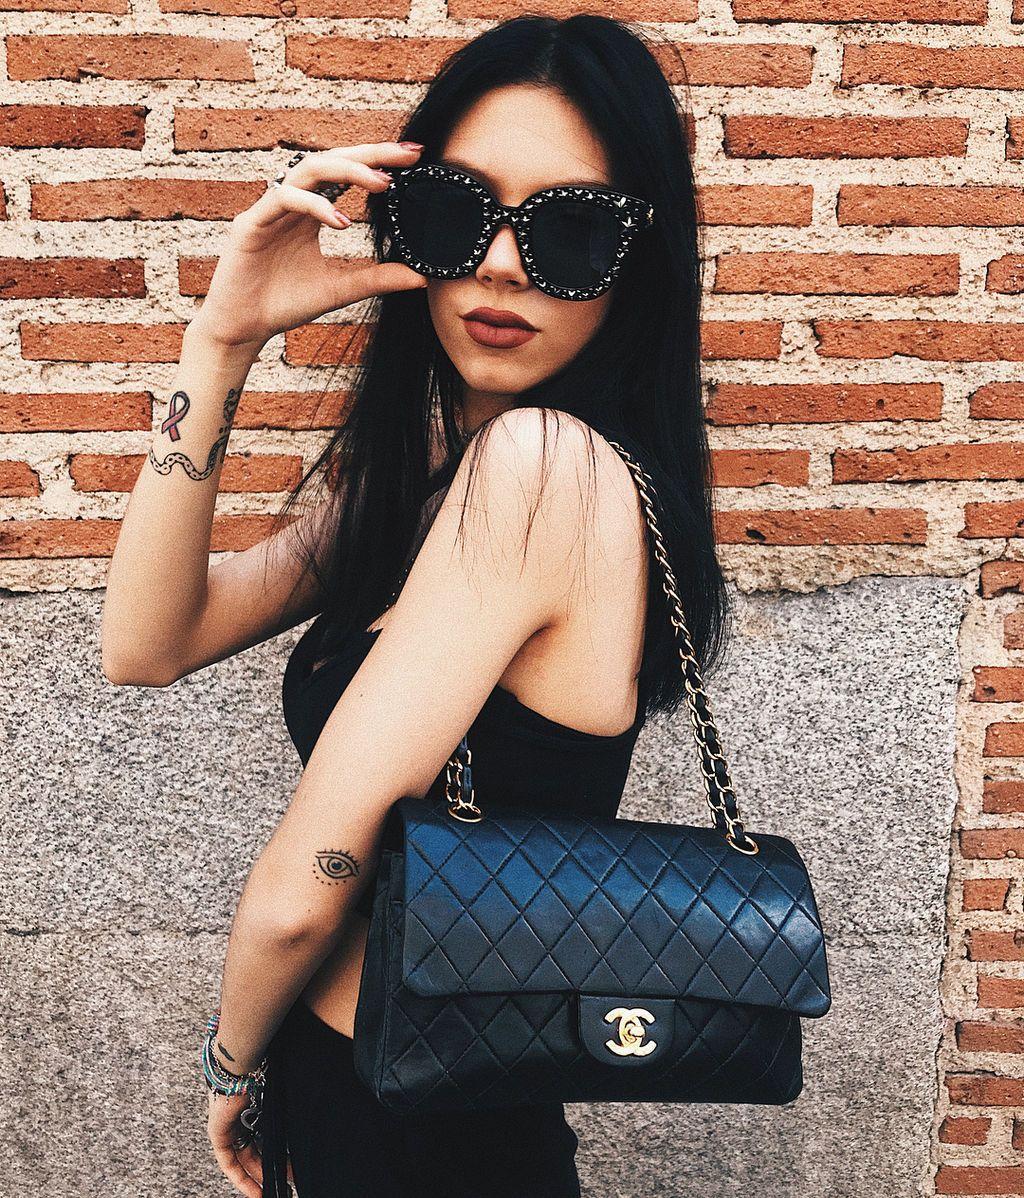 """El futuro profesional de Alejandra Rubio: """"voy a estudiar diseño de moda"""""""